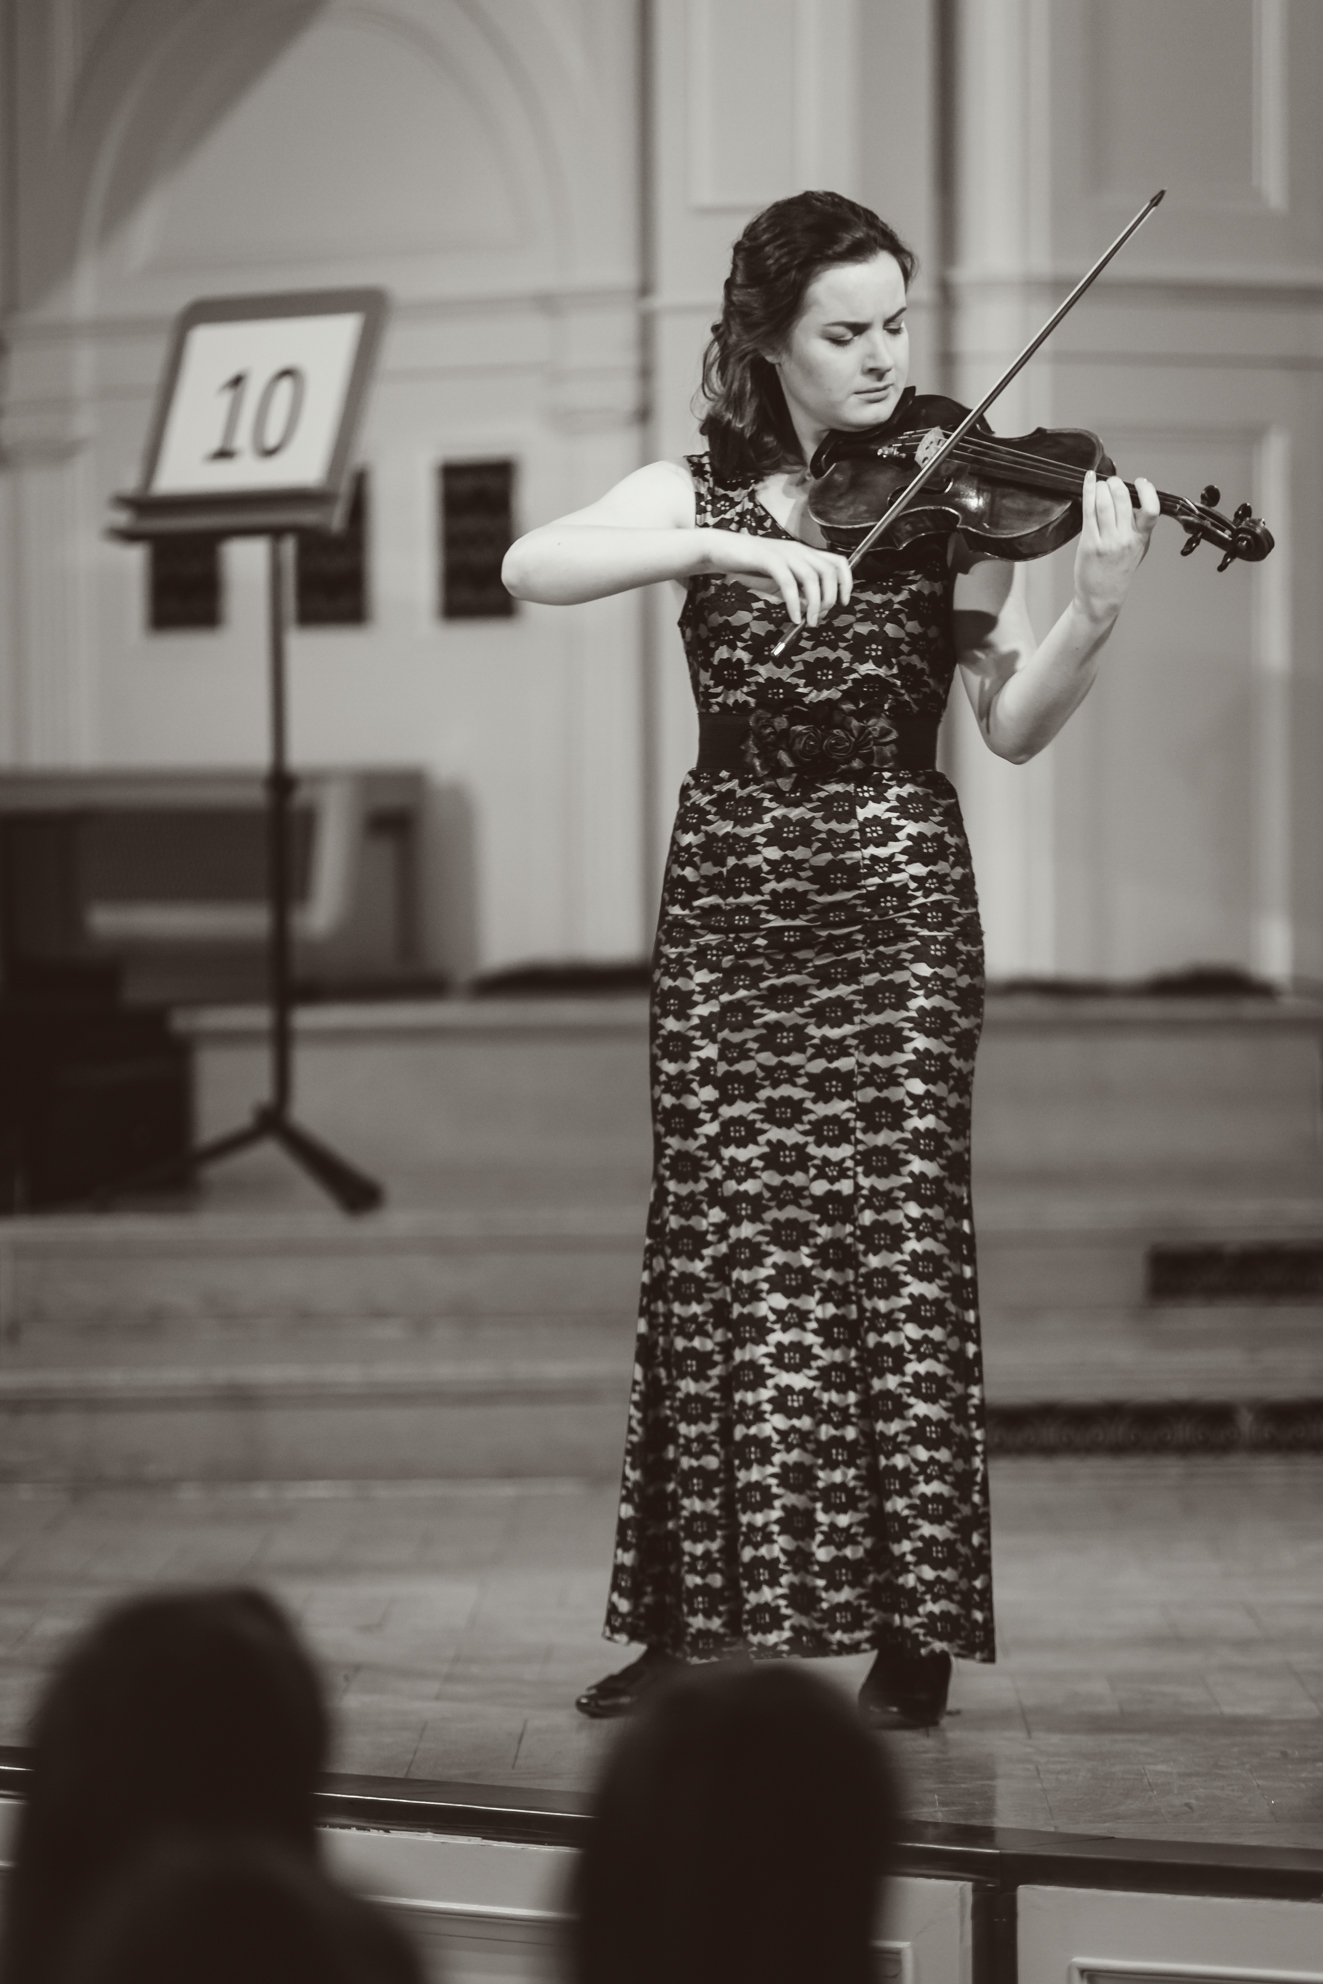 Amalia Hall (Nowa Zelandia) - Etap 2 - 15. Międzynarodowy Konkurs Skrzypcowy im. H. Wieniawskiego STEREO